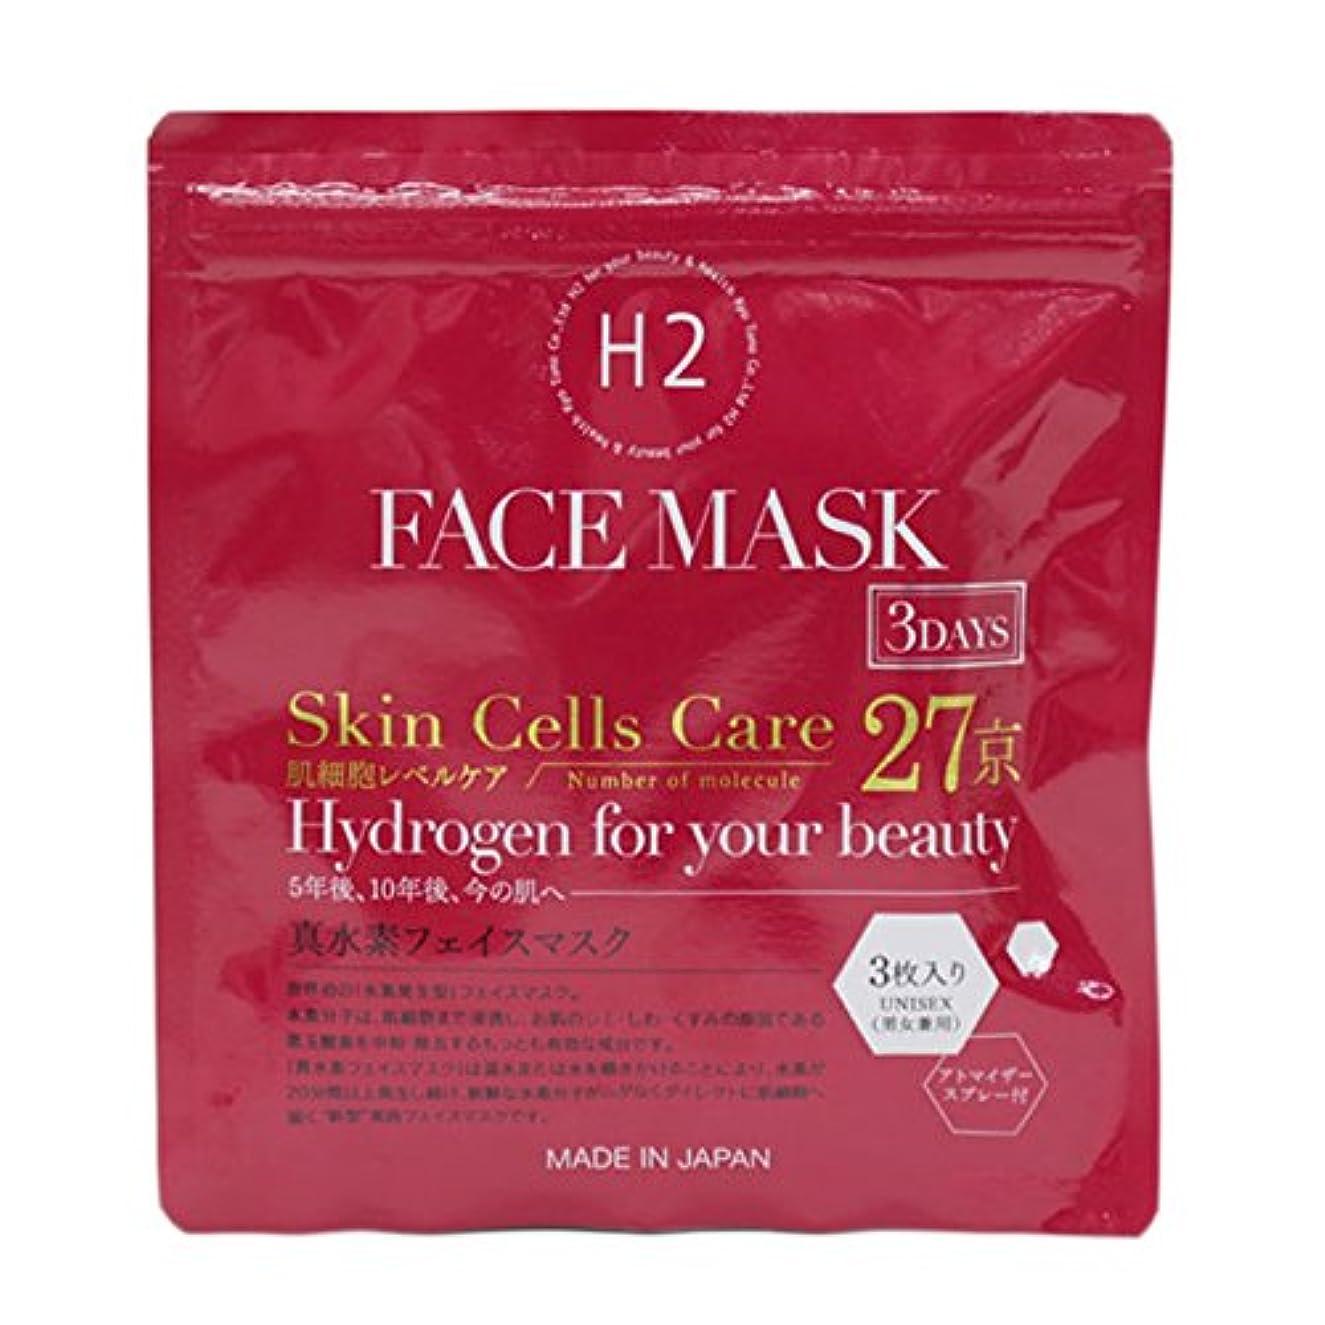 それポータブル推定Kyotomo 真水素フェイスマスク 3枚